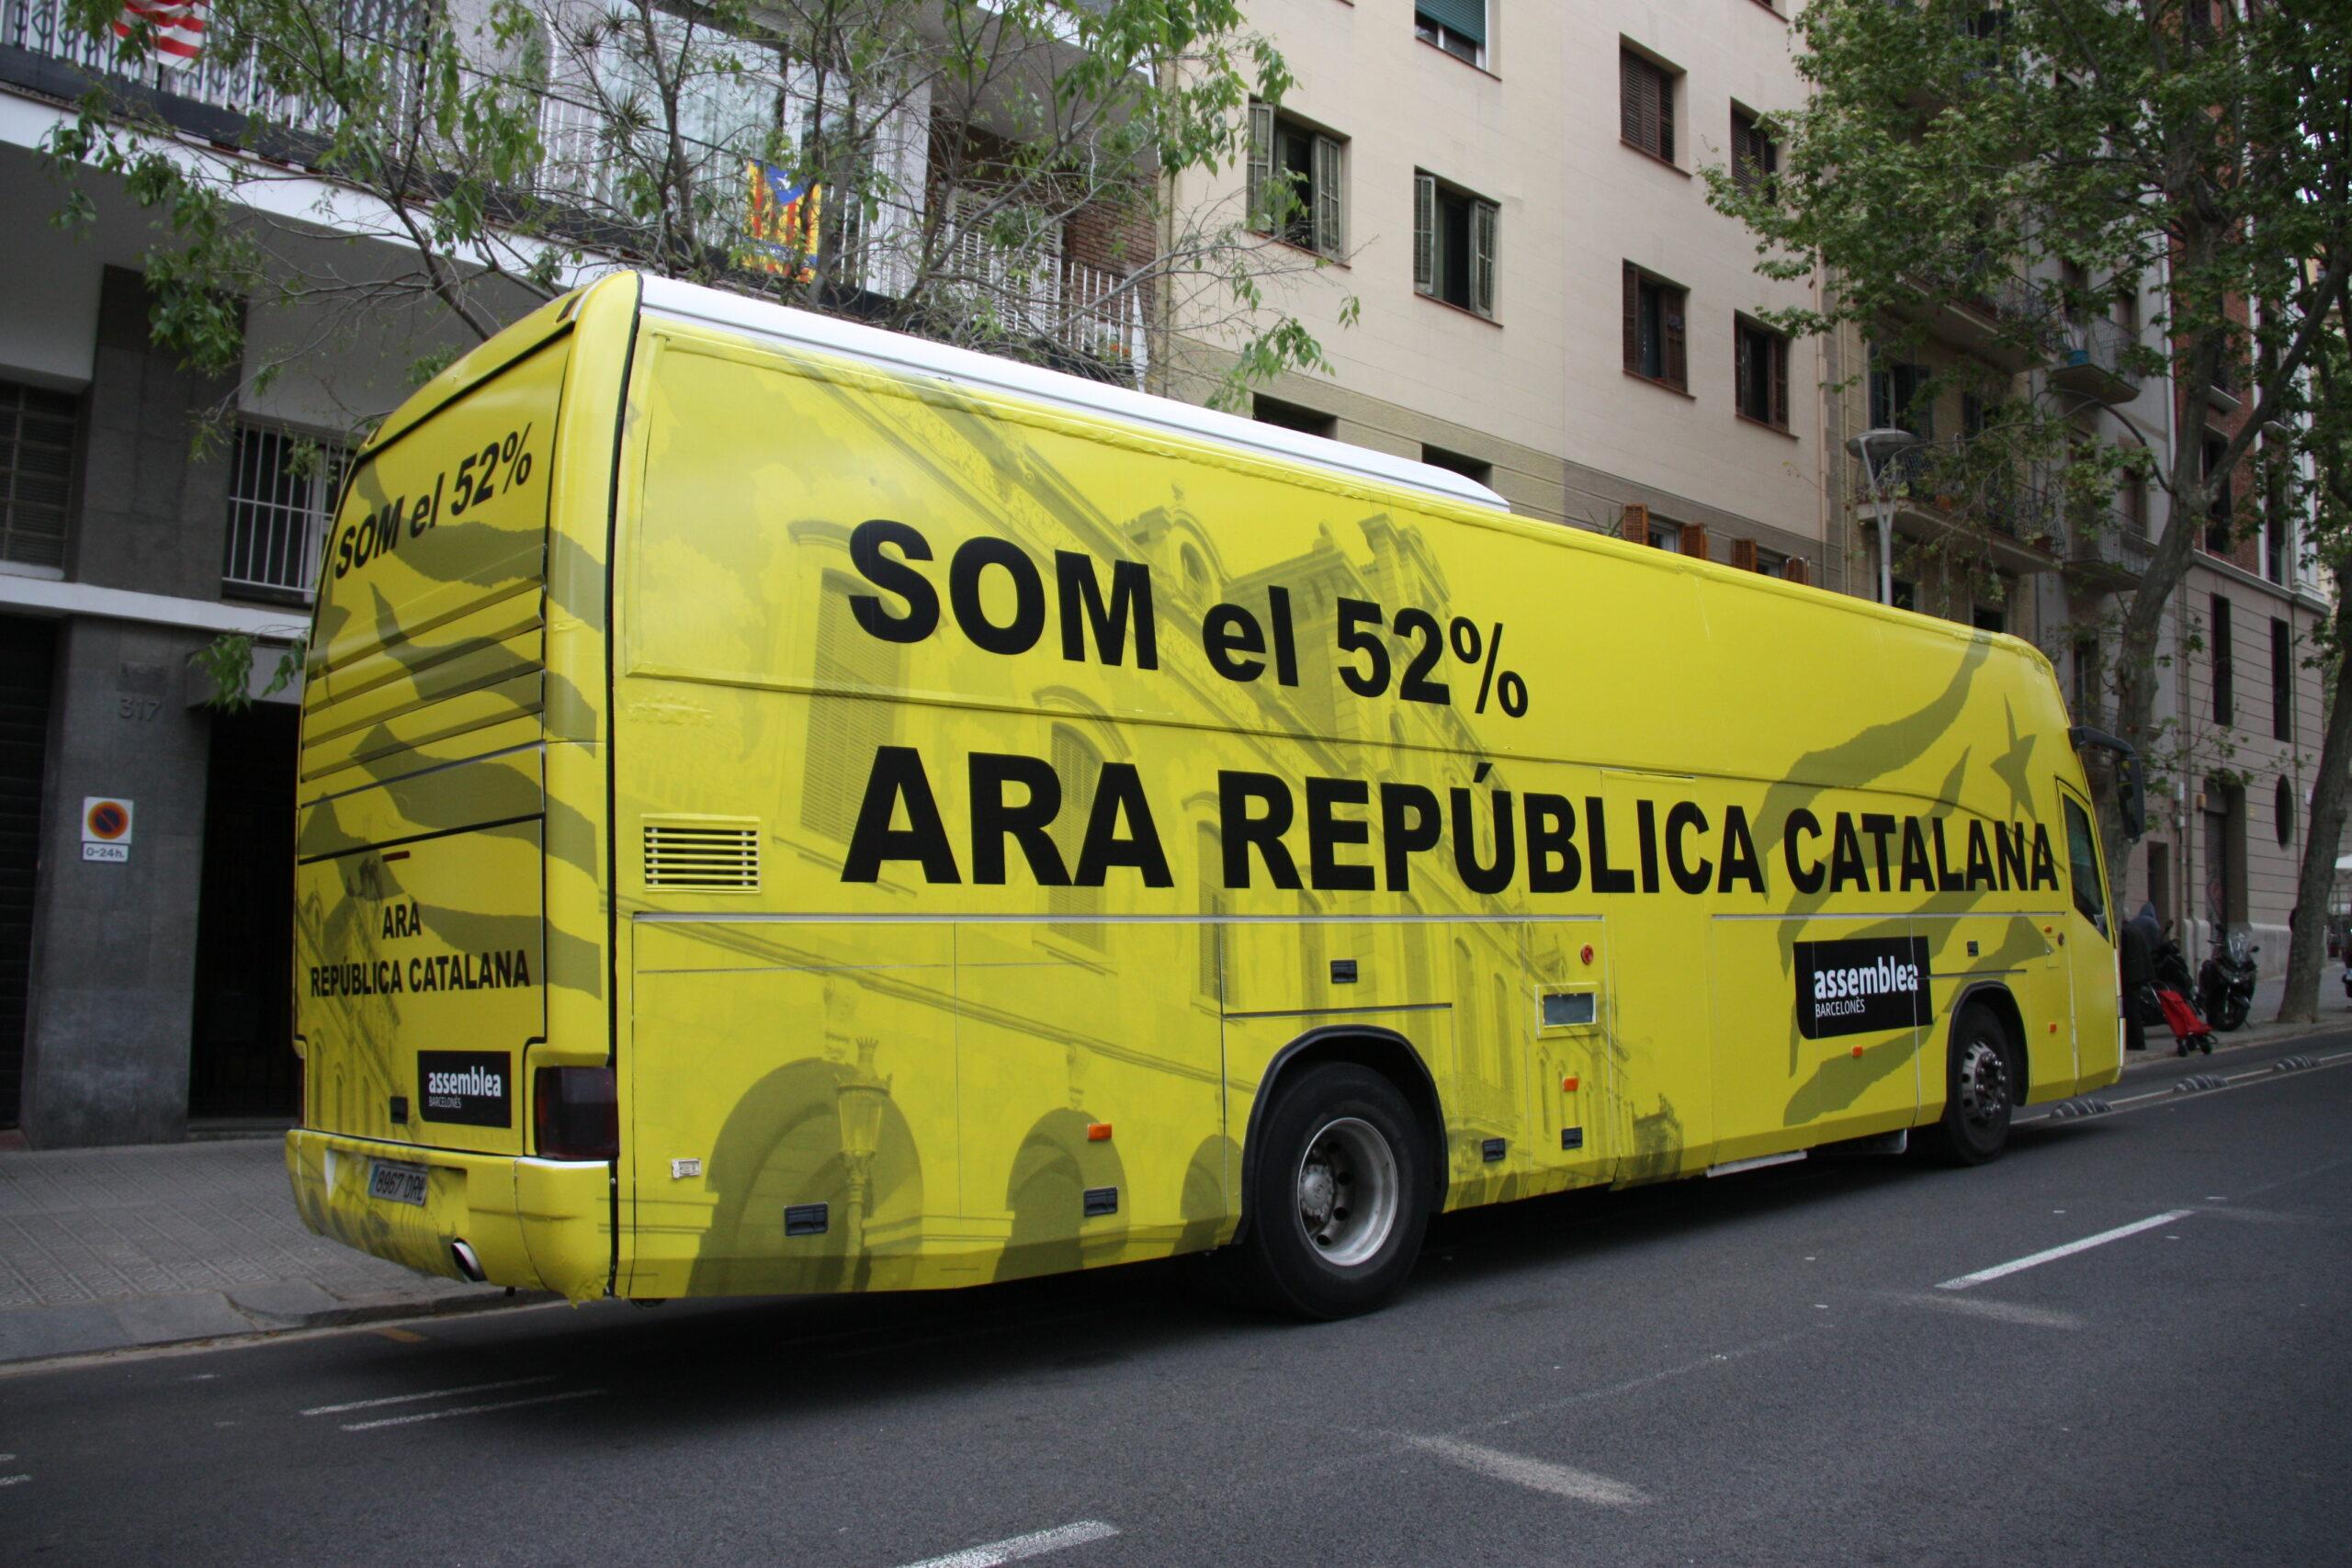 El 'Bus per la independència' impulsat per l'ANC en circulació, el 9 d'abril del 2021 / ACN